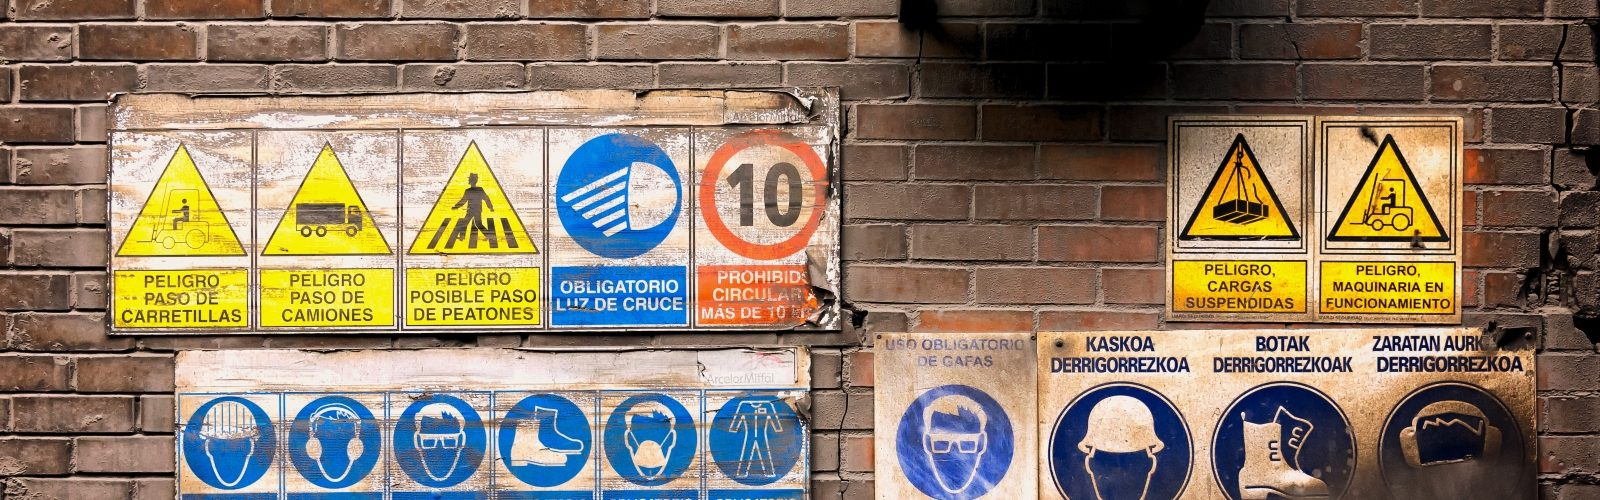 Schilder an der Wand